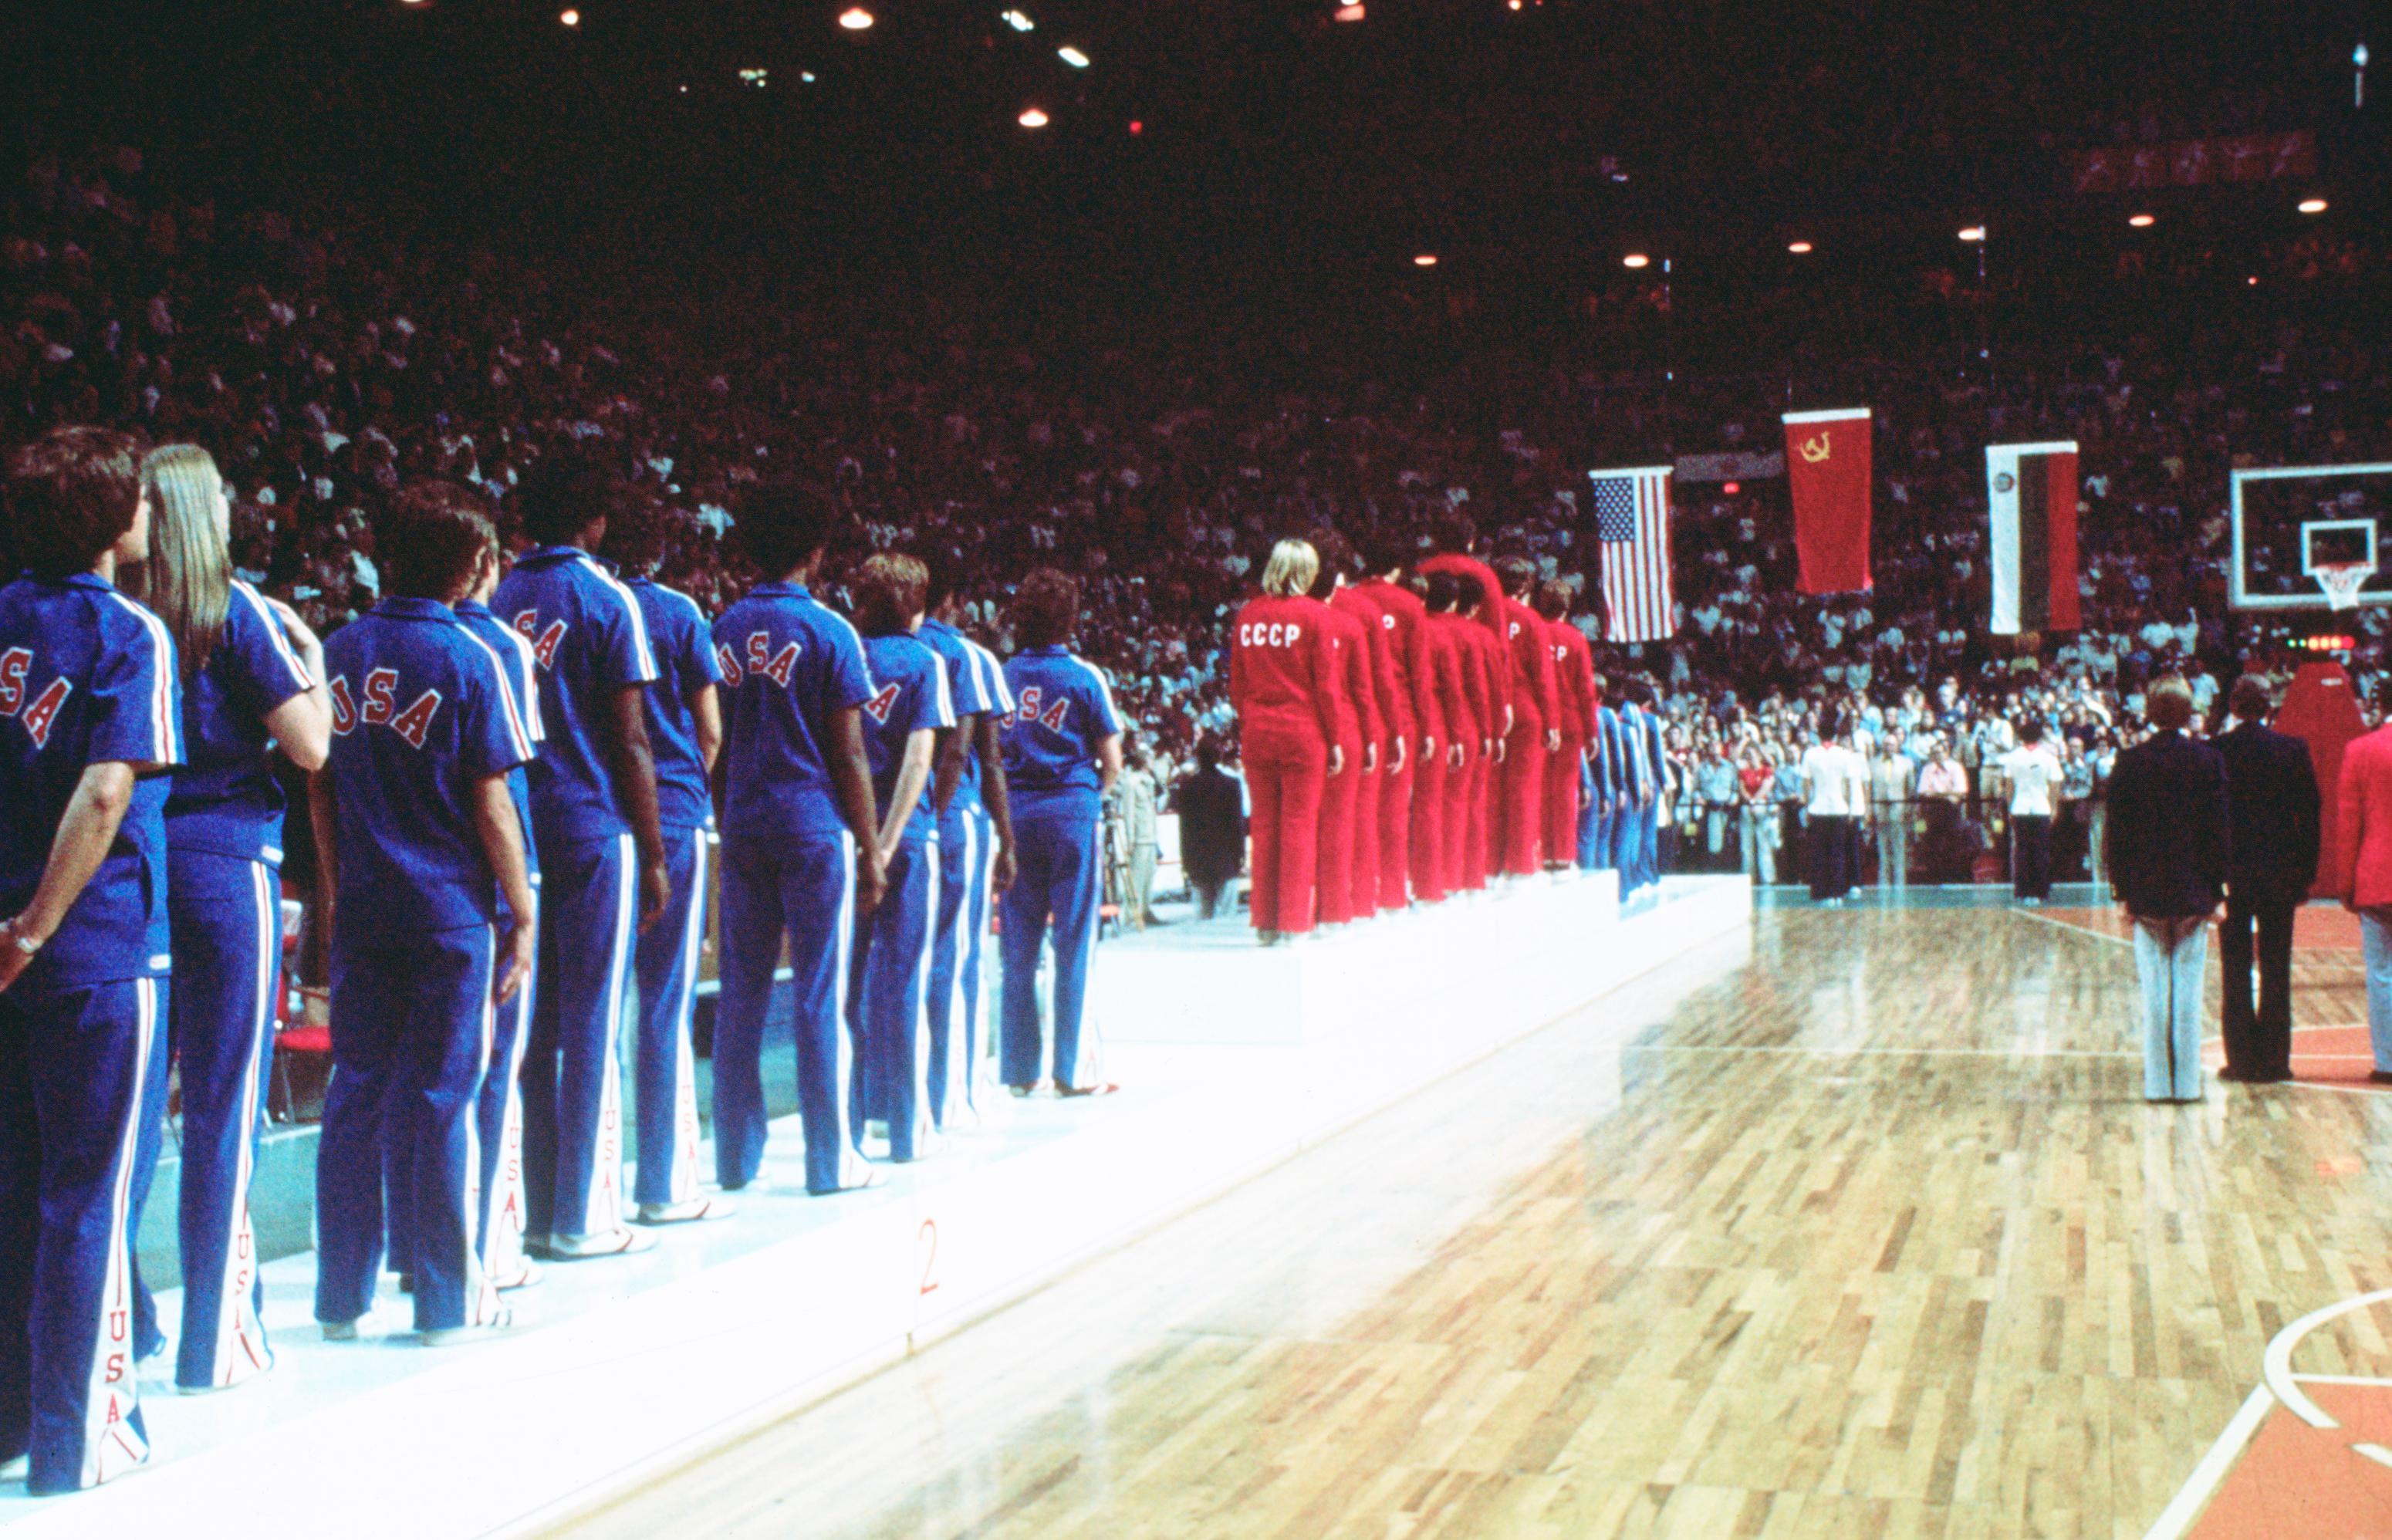 Photographie d'athlètes en file pour recevoir les médailles. À l'avant-plan, l'équipe américaine.